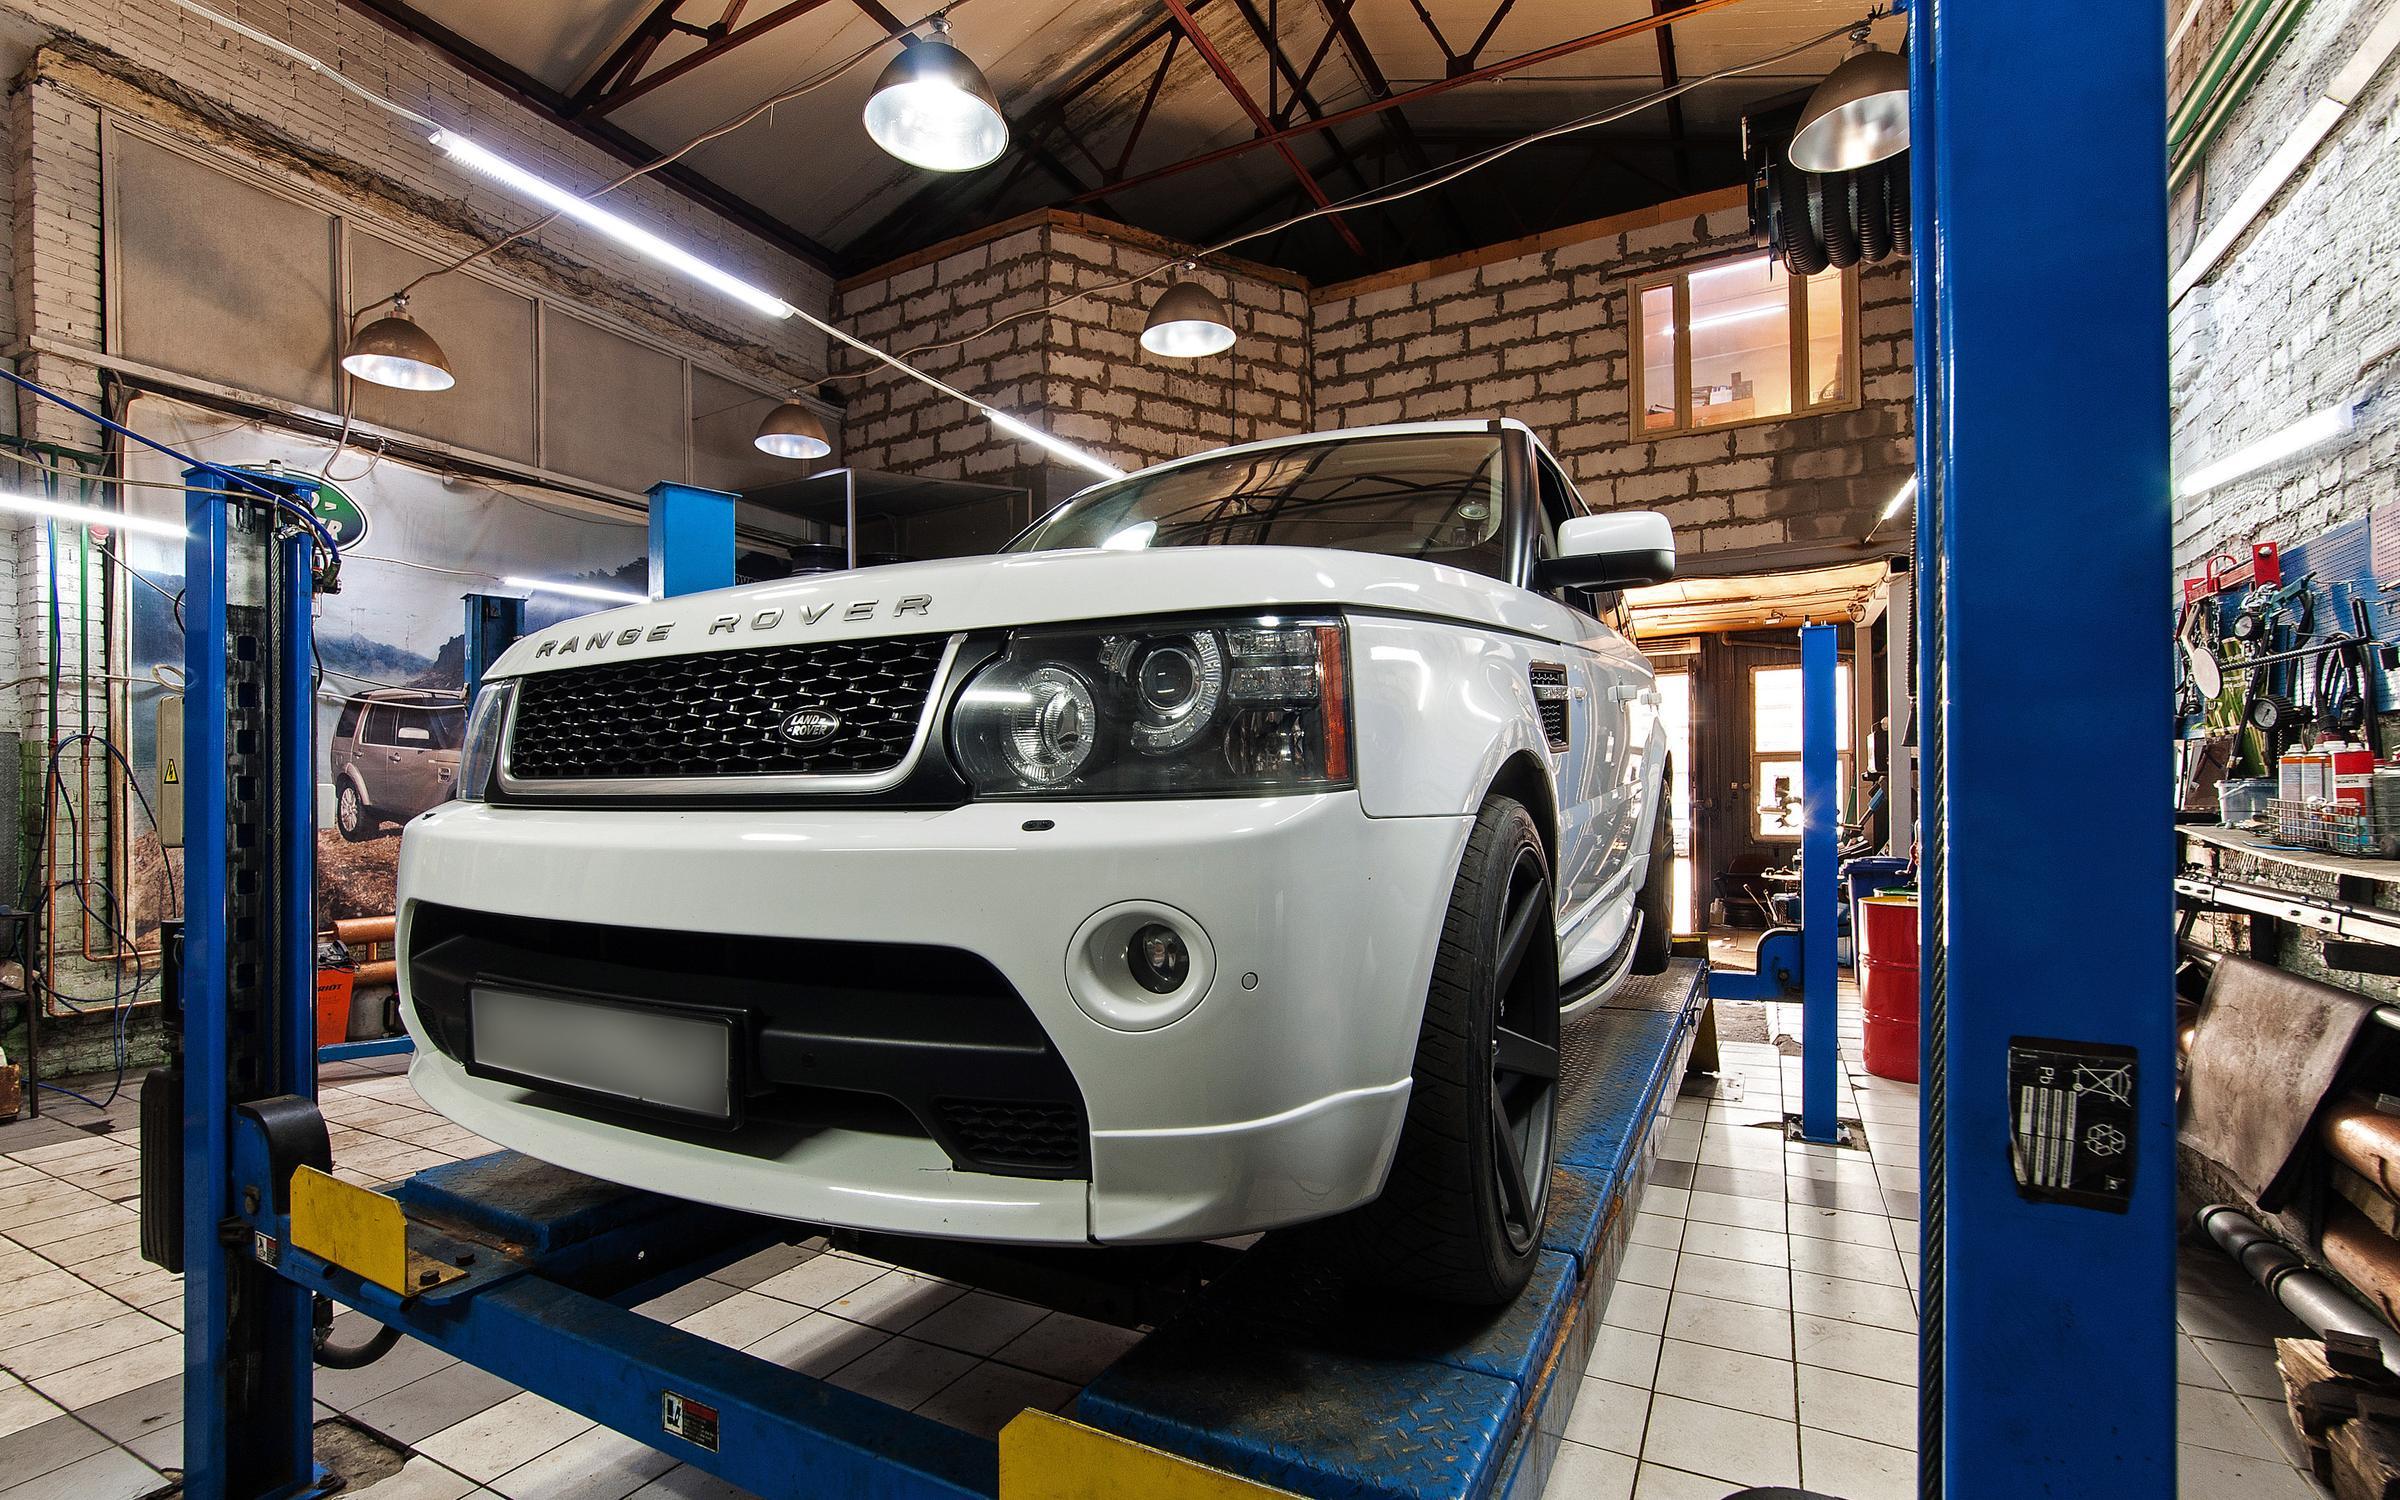 фотография Сервиса по ремонту и обслуживанию автомобилей Land Rover на Беломорской улице